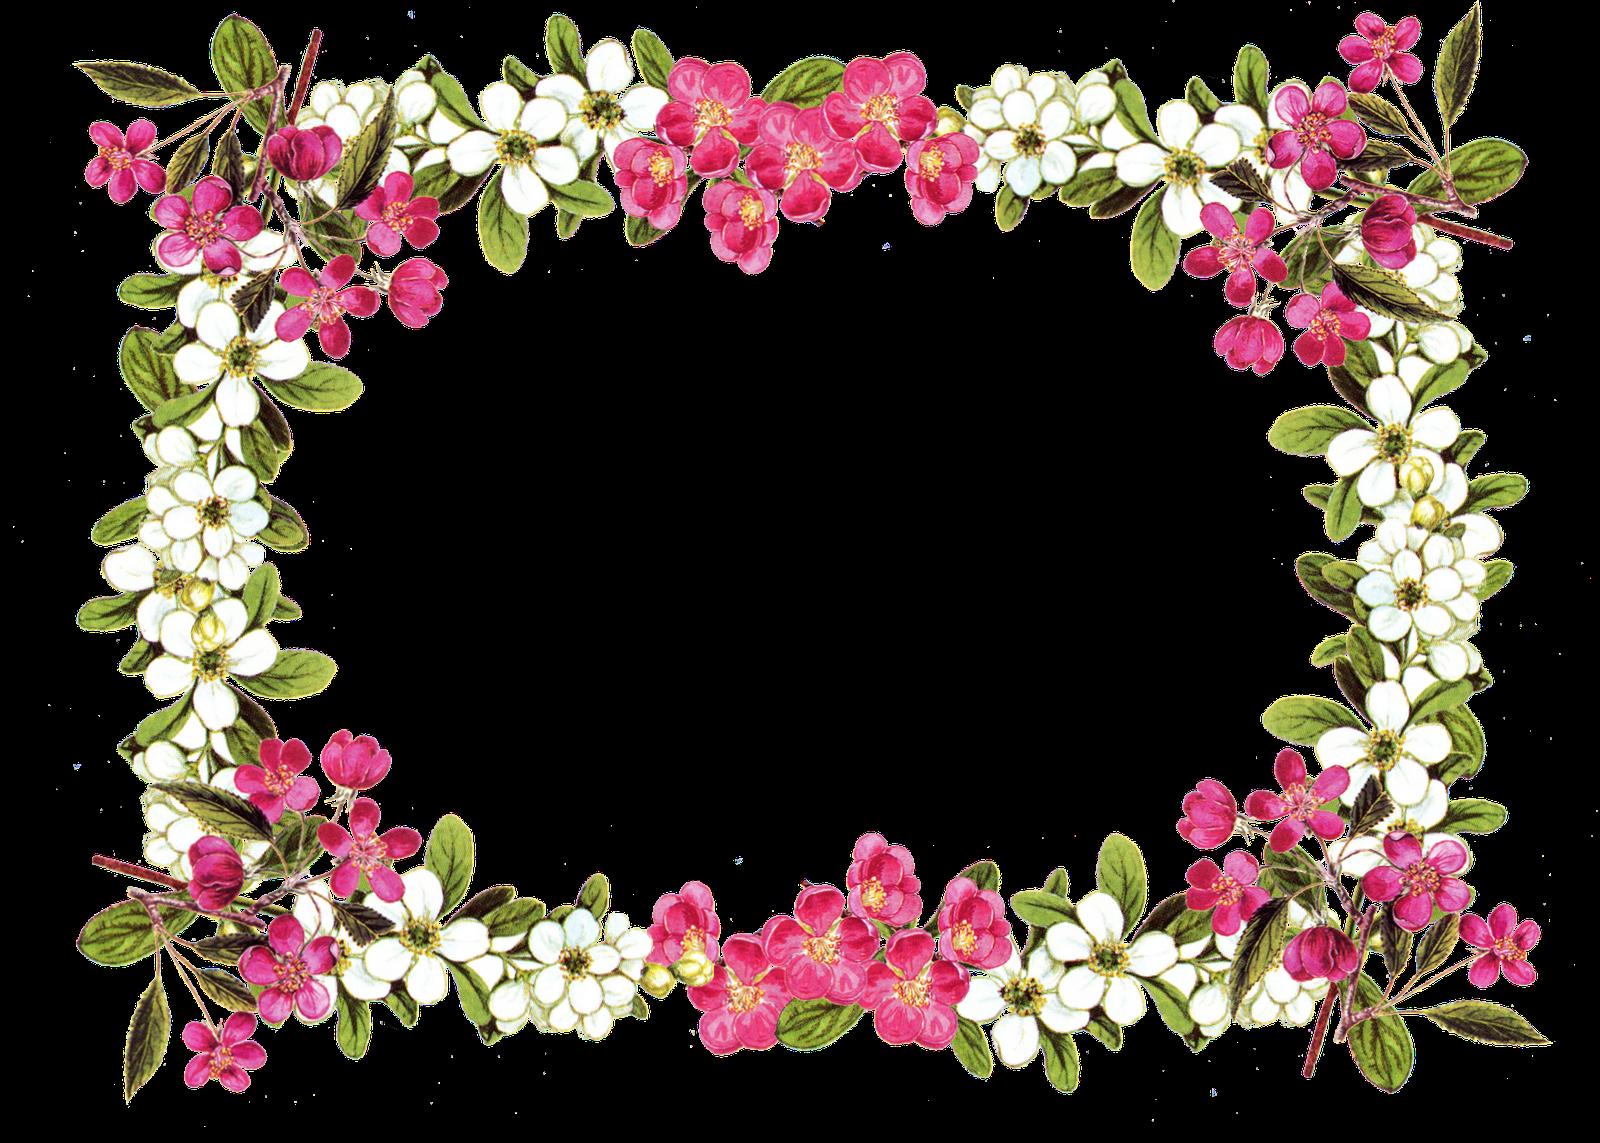 Flower borders png. Vintage frame border free